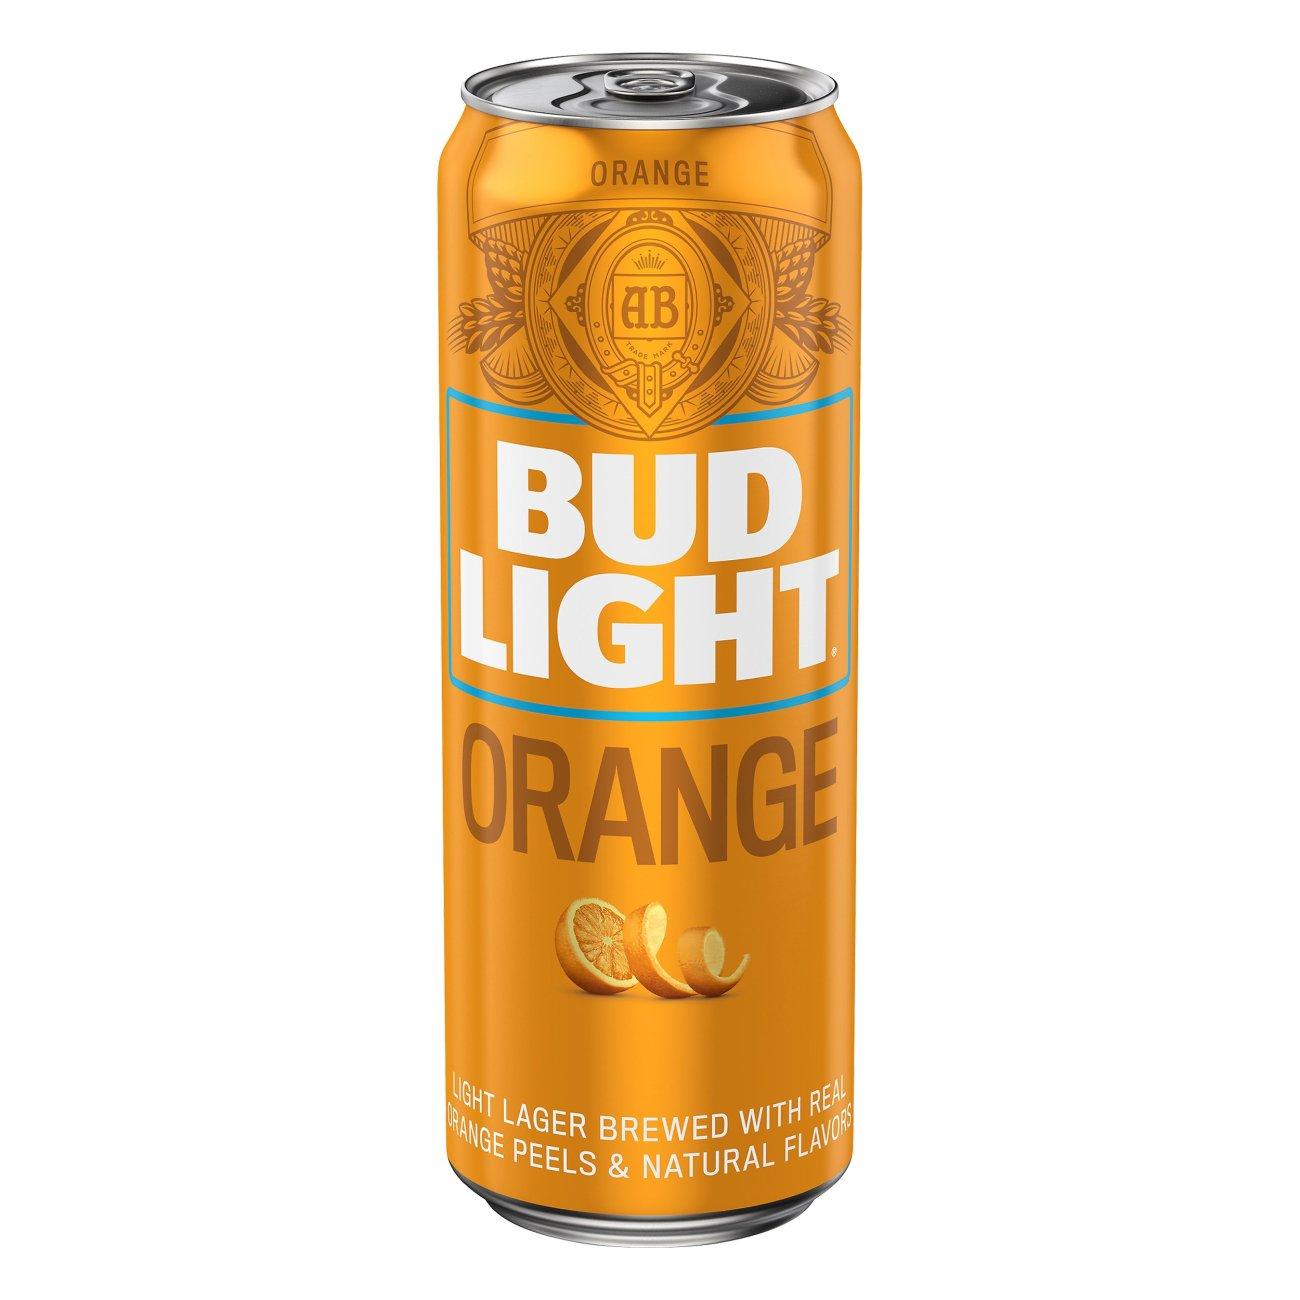 Bud Light Orange   Shop Beer At HEB